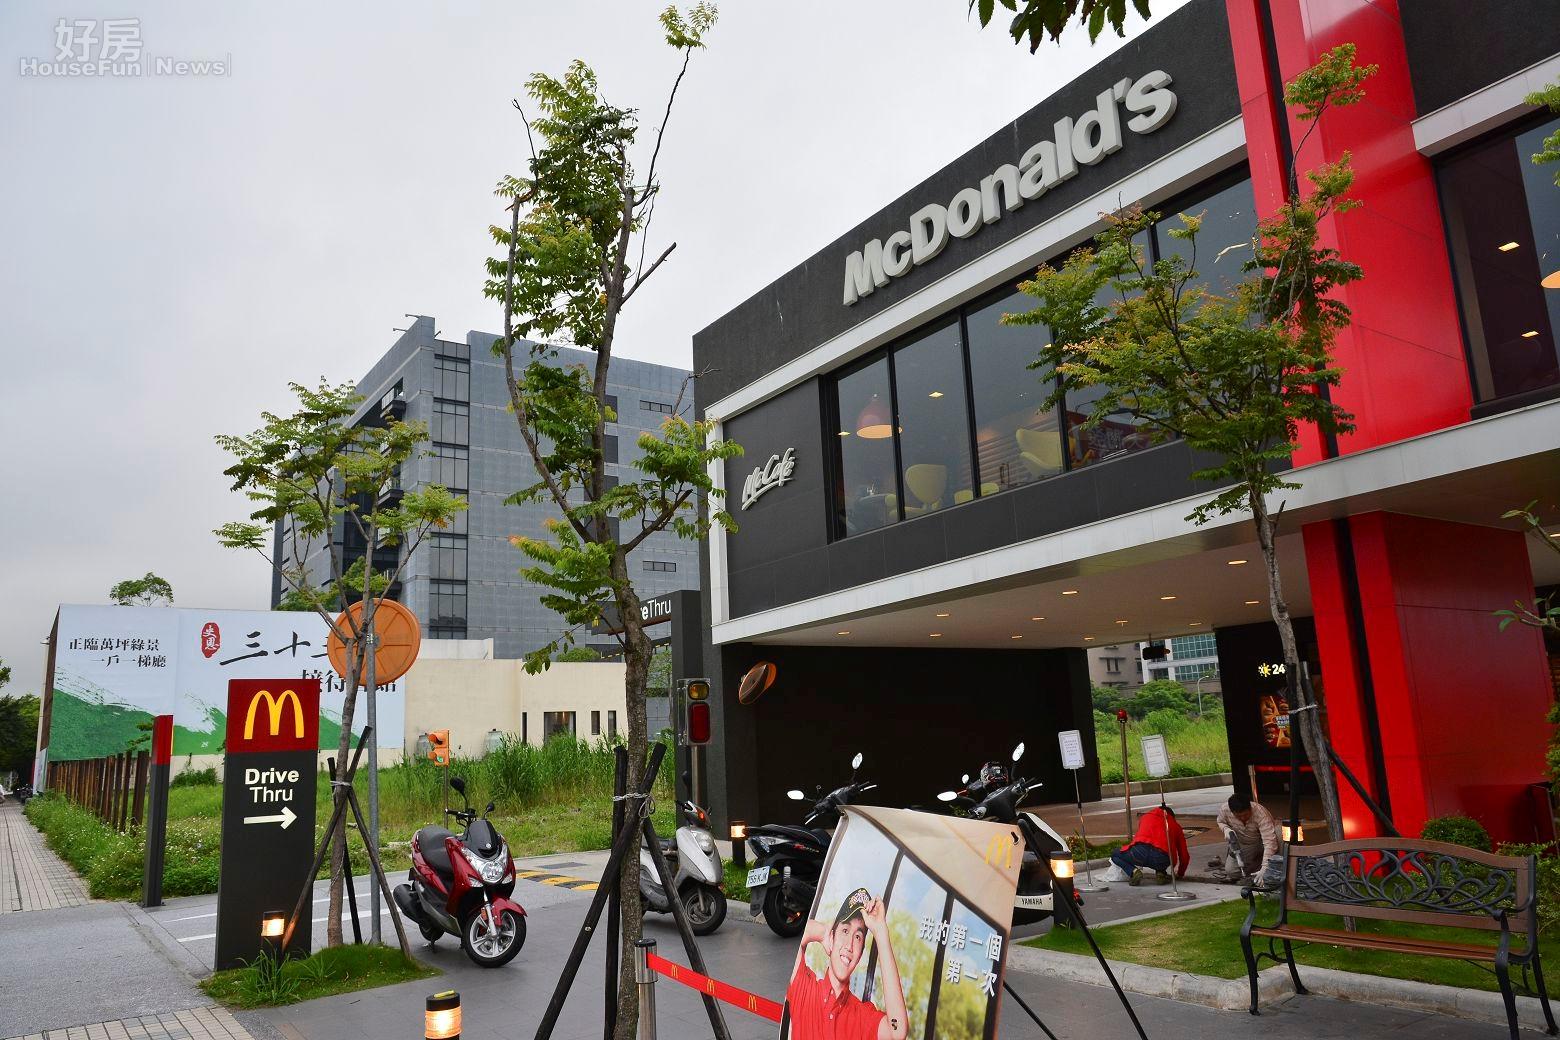 舊宗路麥當勞帶前方街景。(好房News記者 陳韋帆/攝影)